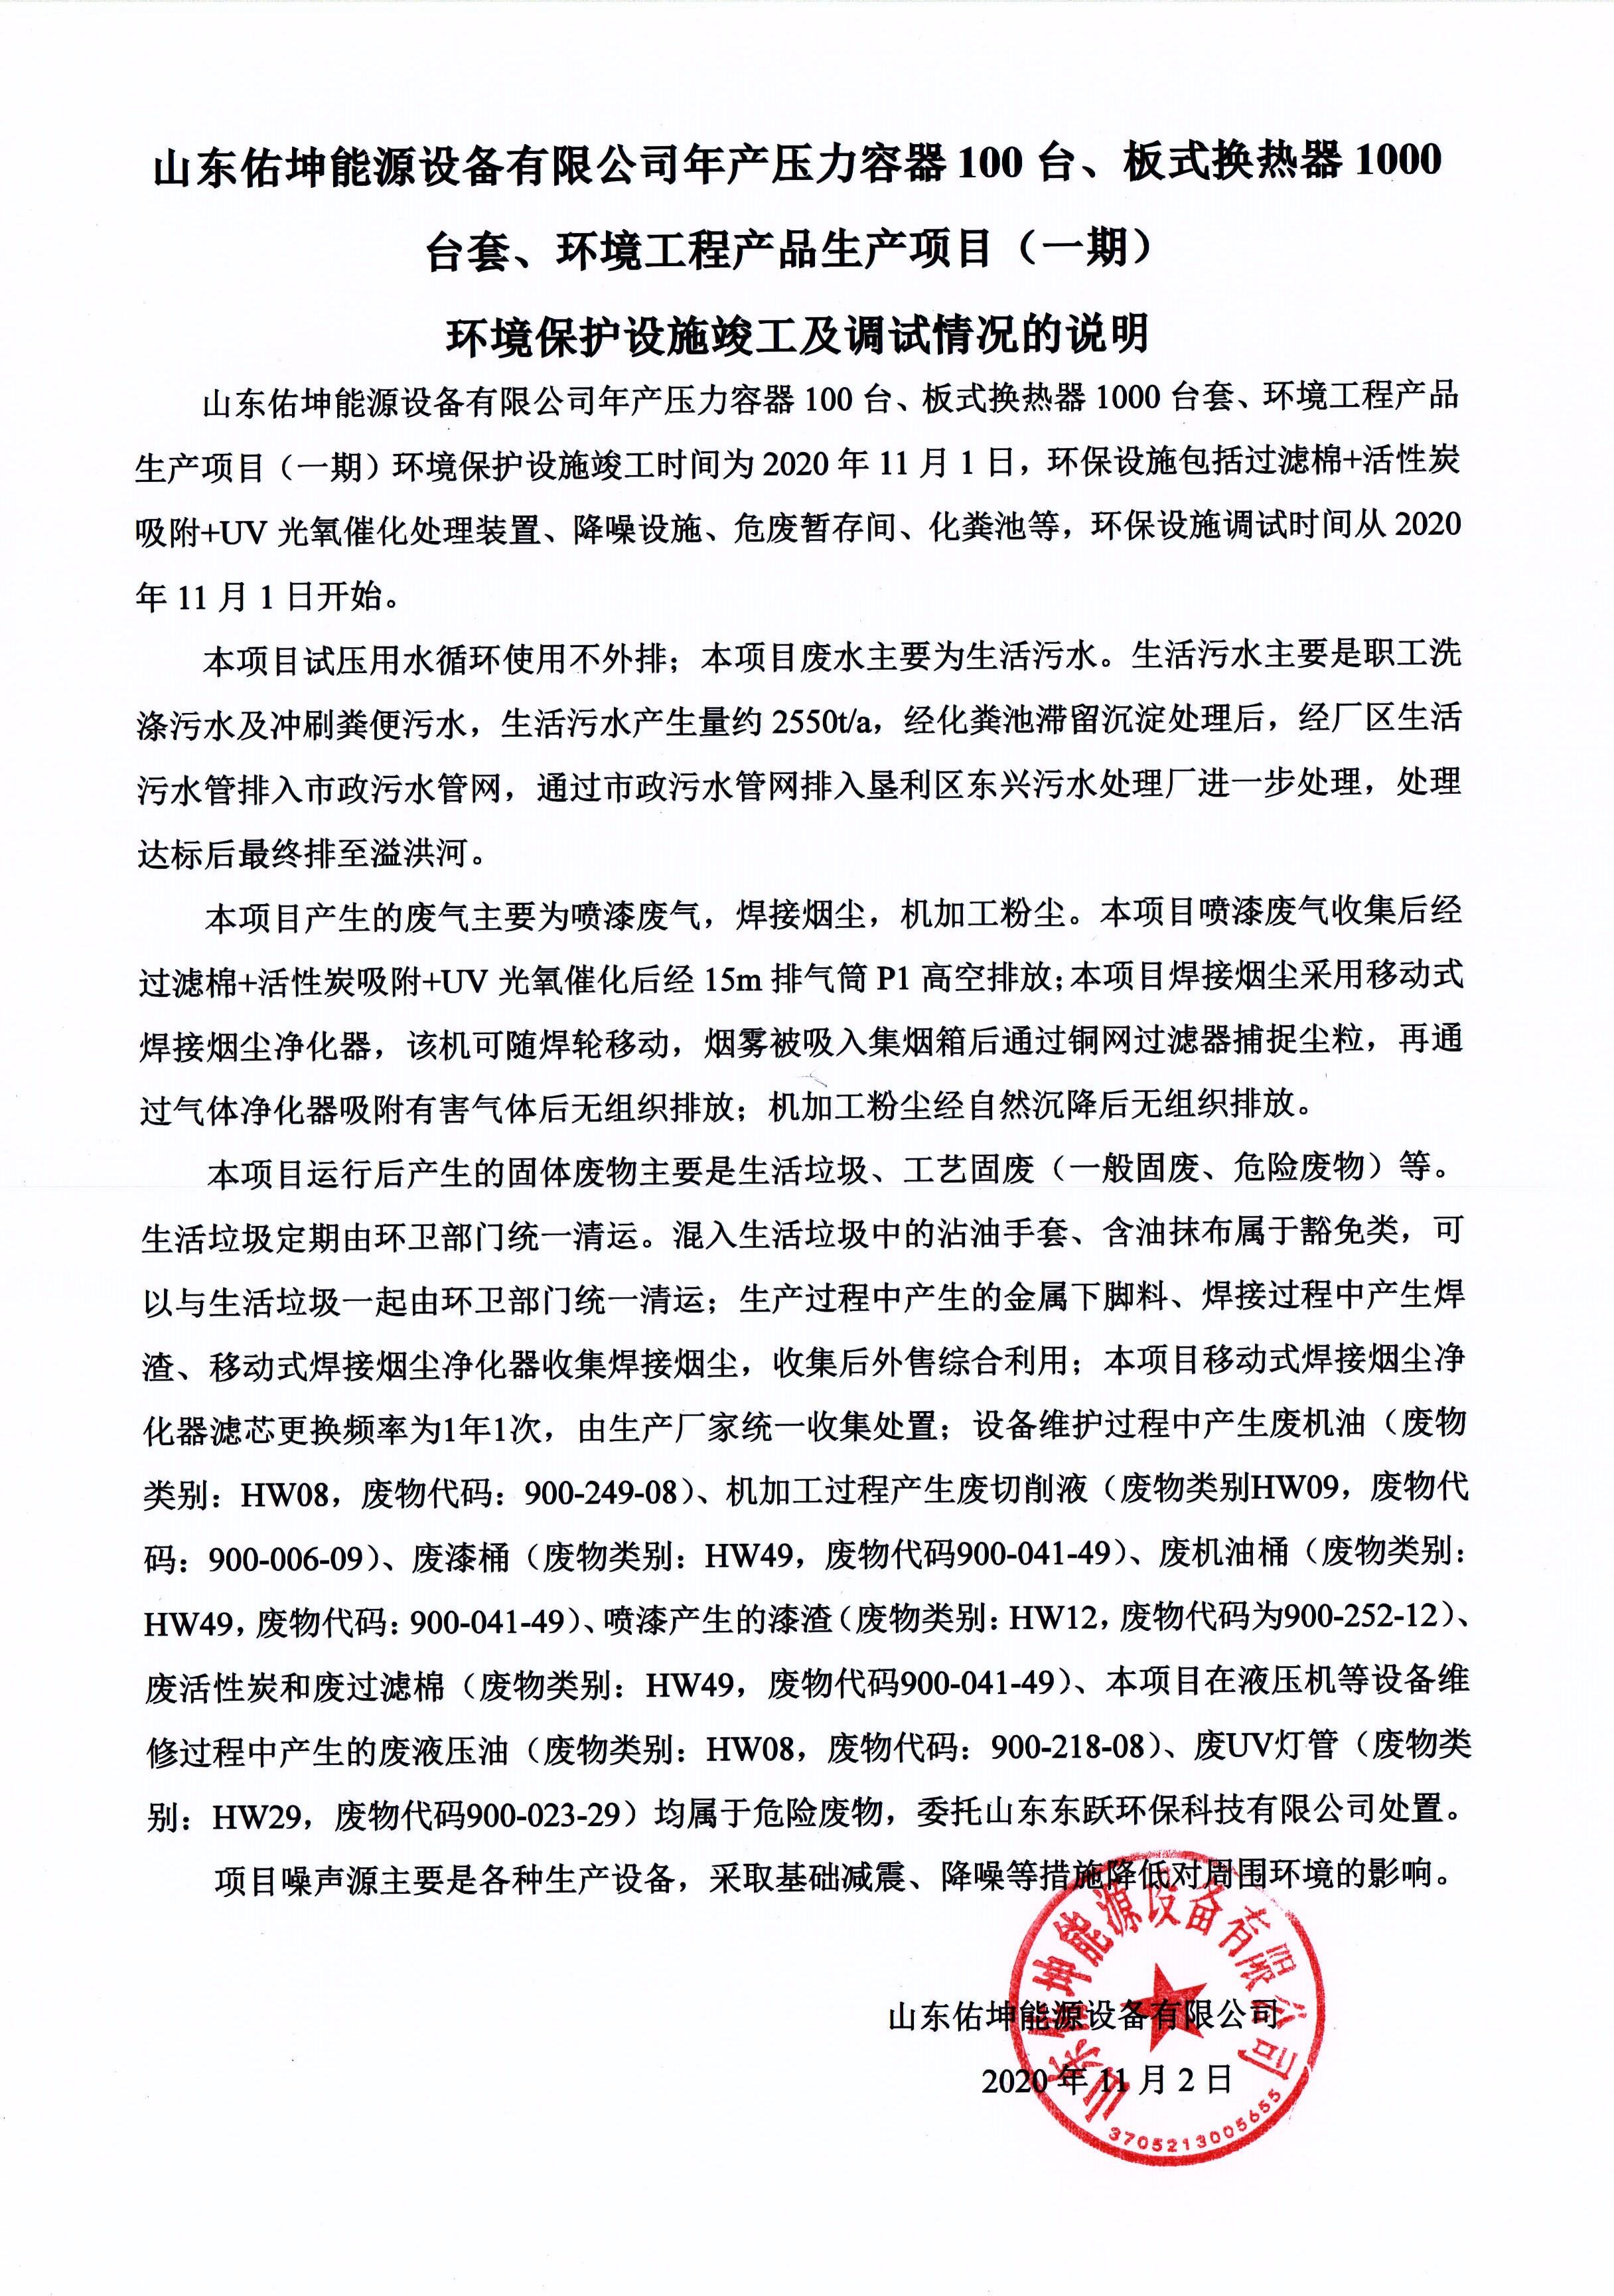 山東佑坤能源設備有限公司年產壓力容器100臺板式換熱器1000臺套環境工程產品生產項目一期環境保護設施竣工及調試情況的說明